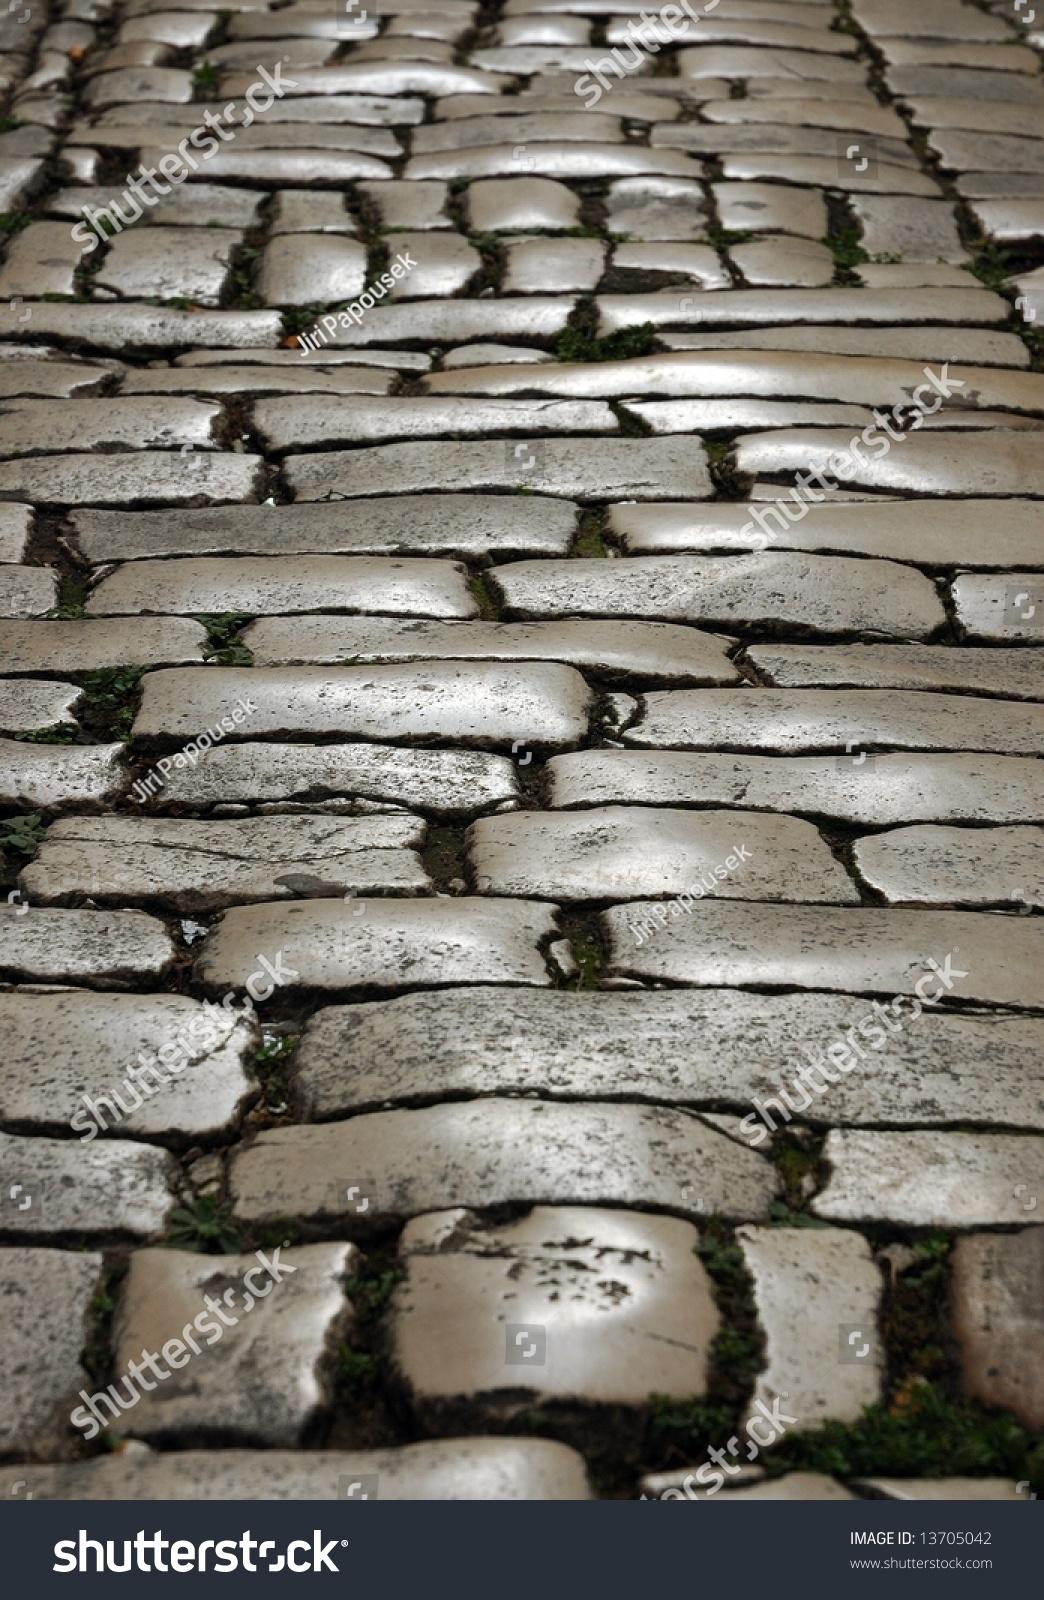 Gray cobblestone stock photo 13705042 shutterstock for Cobblestone shutters